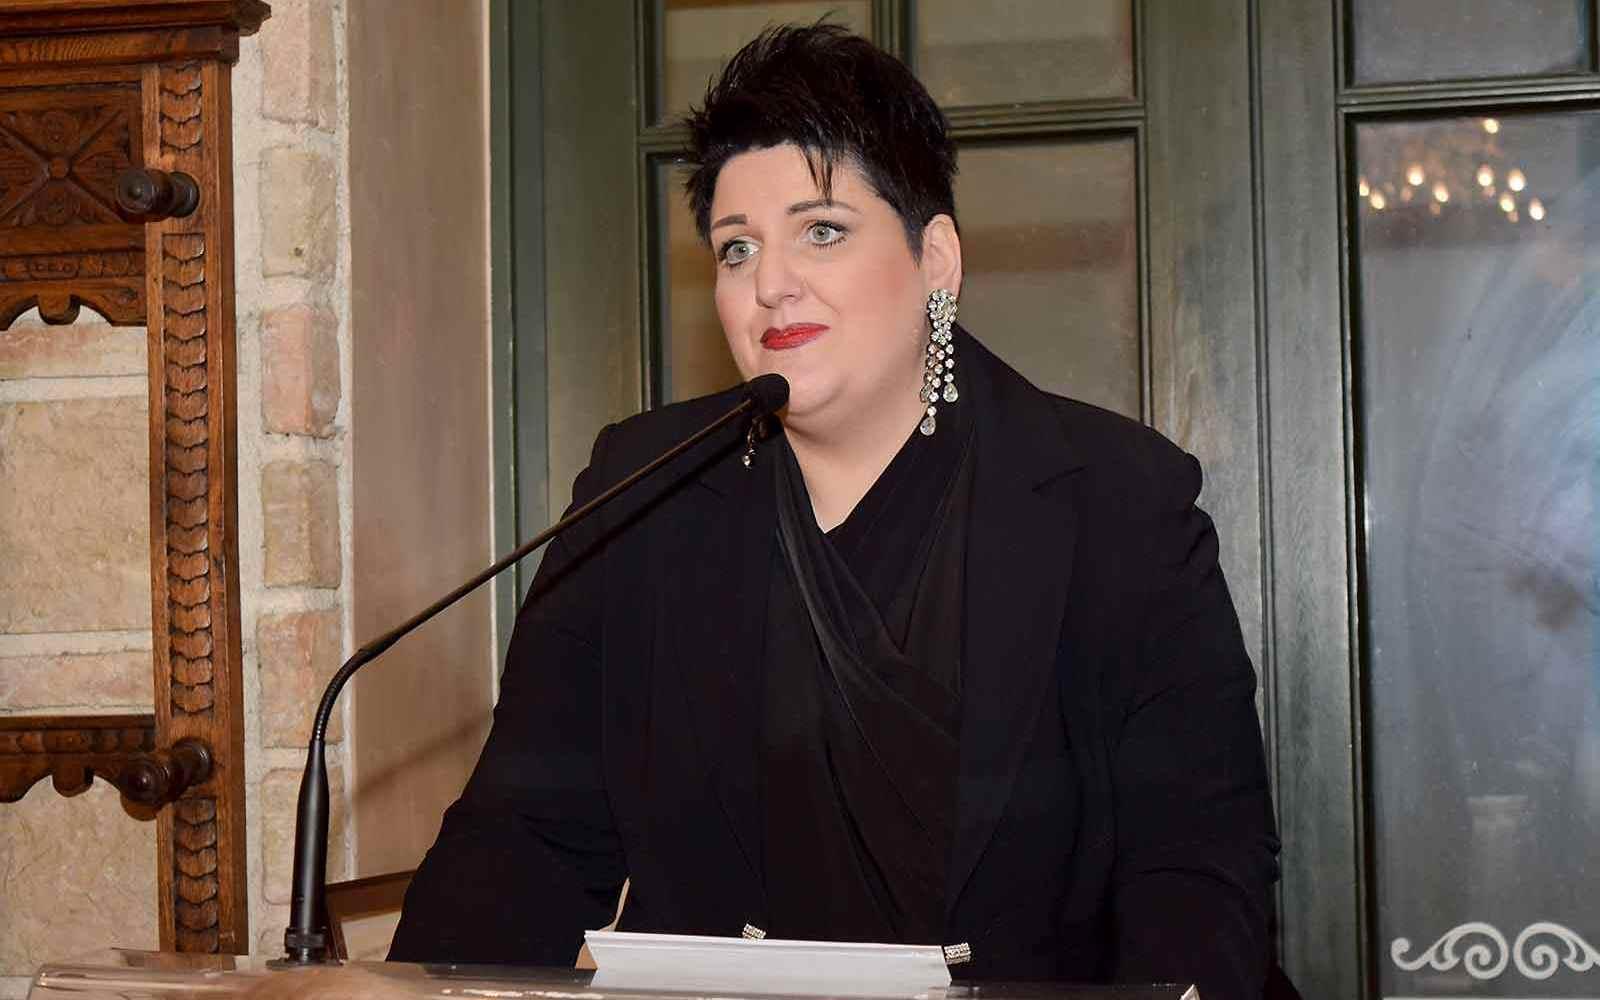 η-Πρόεδρος-της-Ένωση-Γυναικών-ΠάτραςΆννα-Μαρία-Ρογδάκη